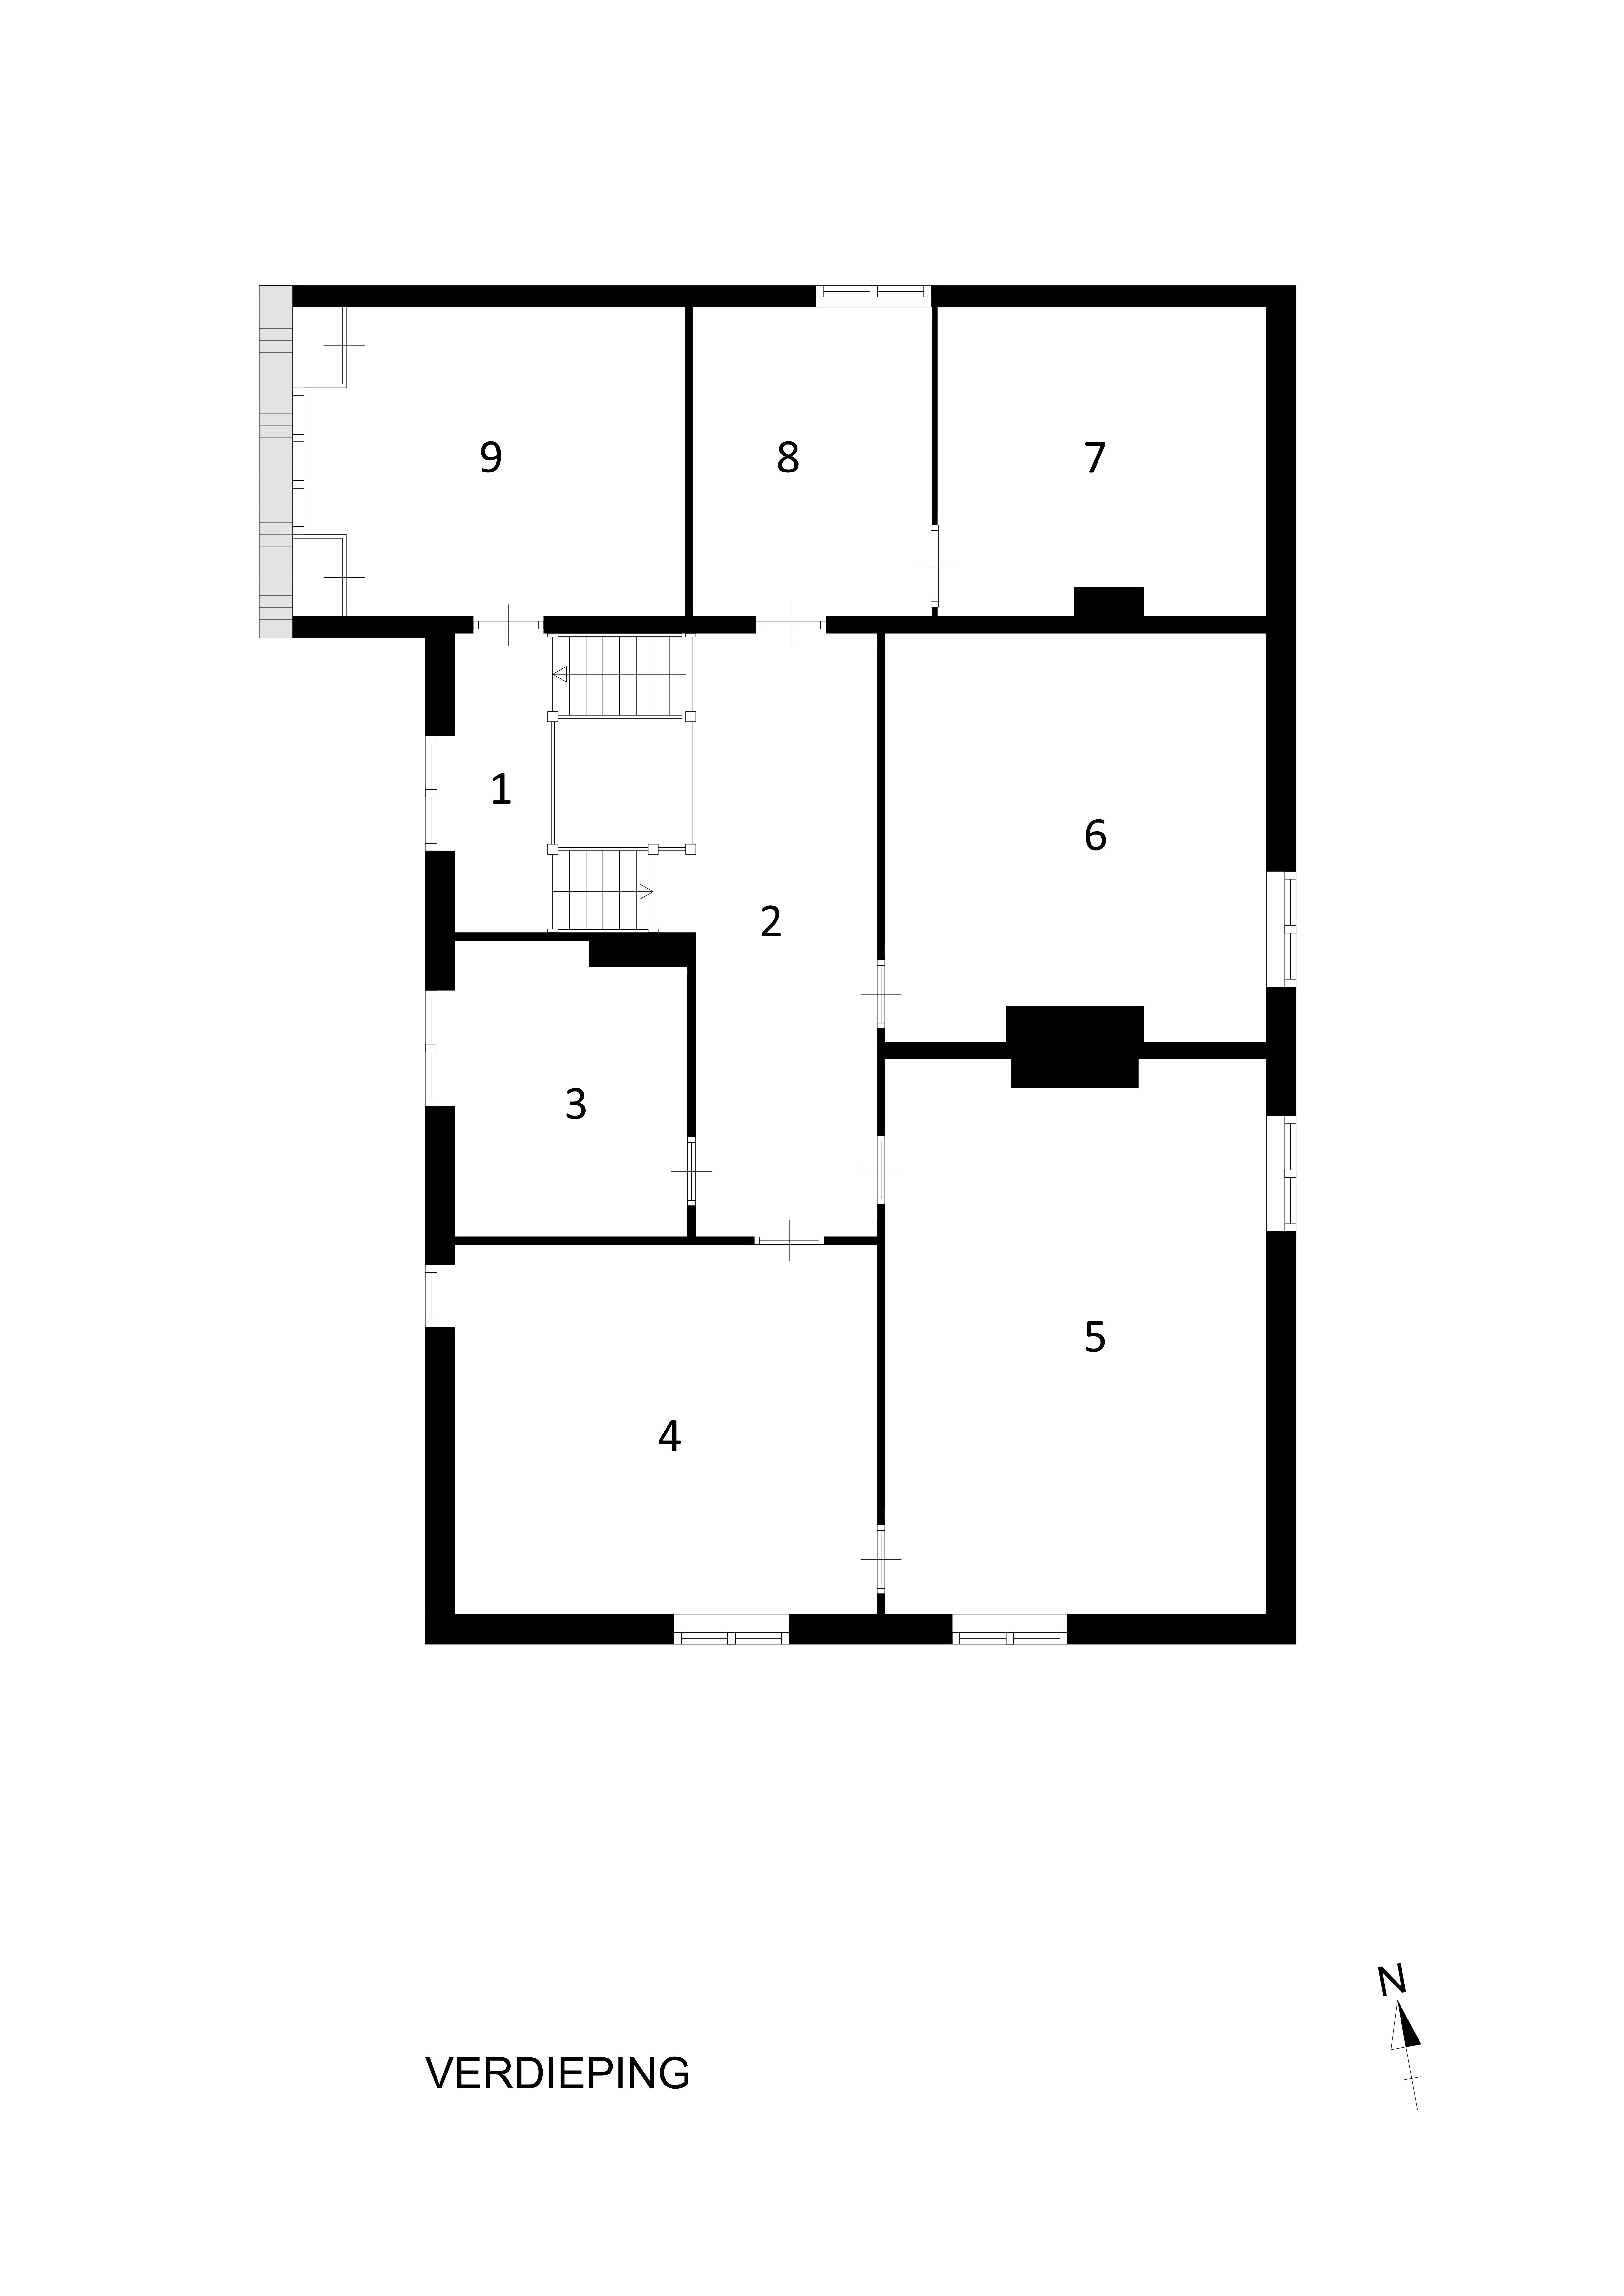 Plattegrond Kleine Keuken : Huis De Bijlakker door Johan Wilhelm Hanrath Stichting Historische